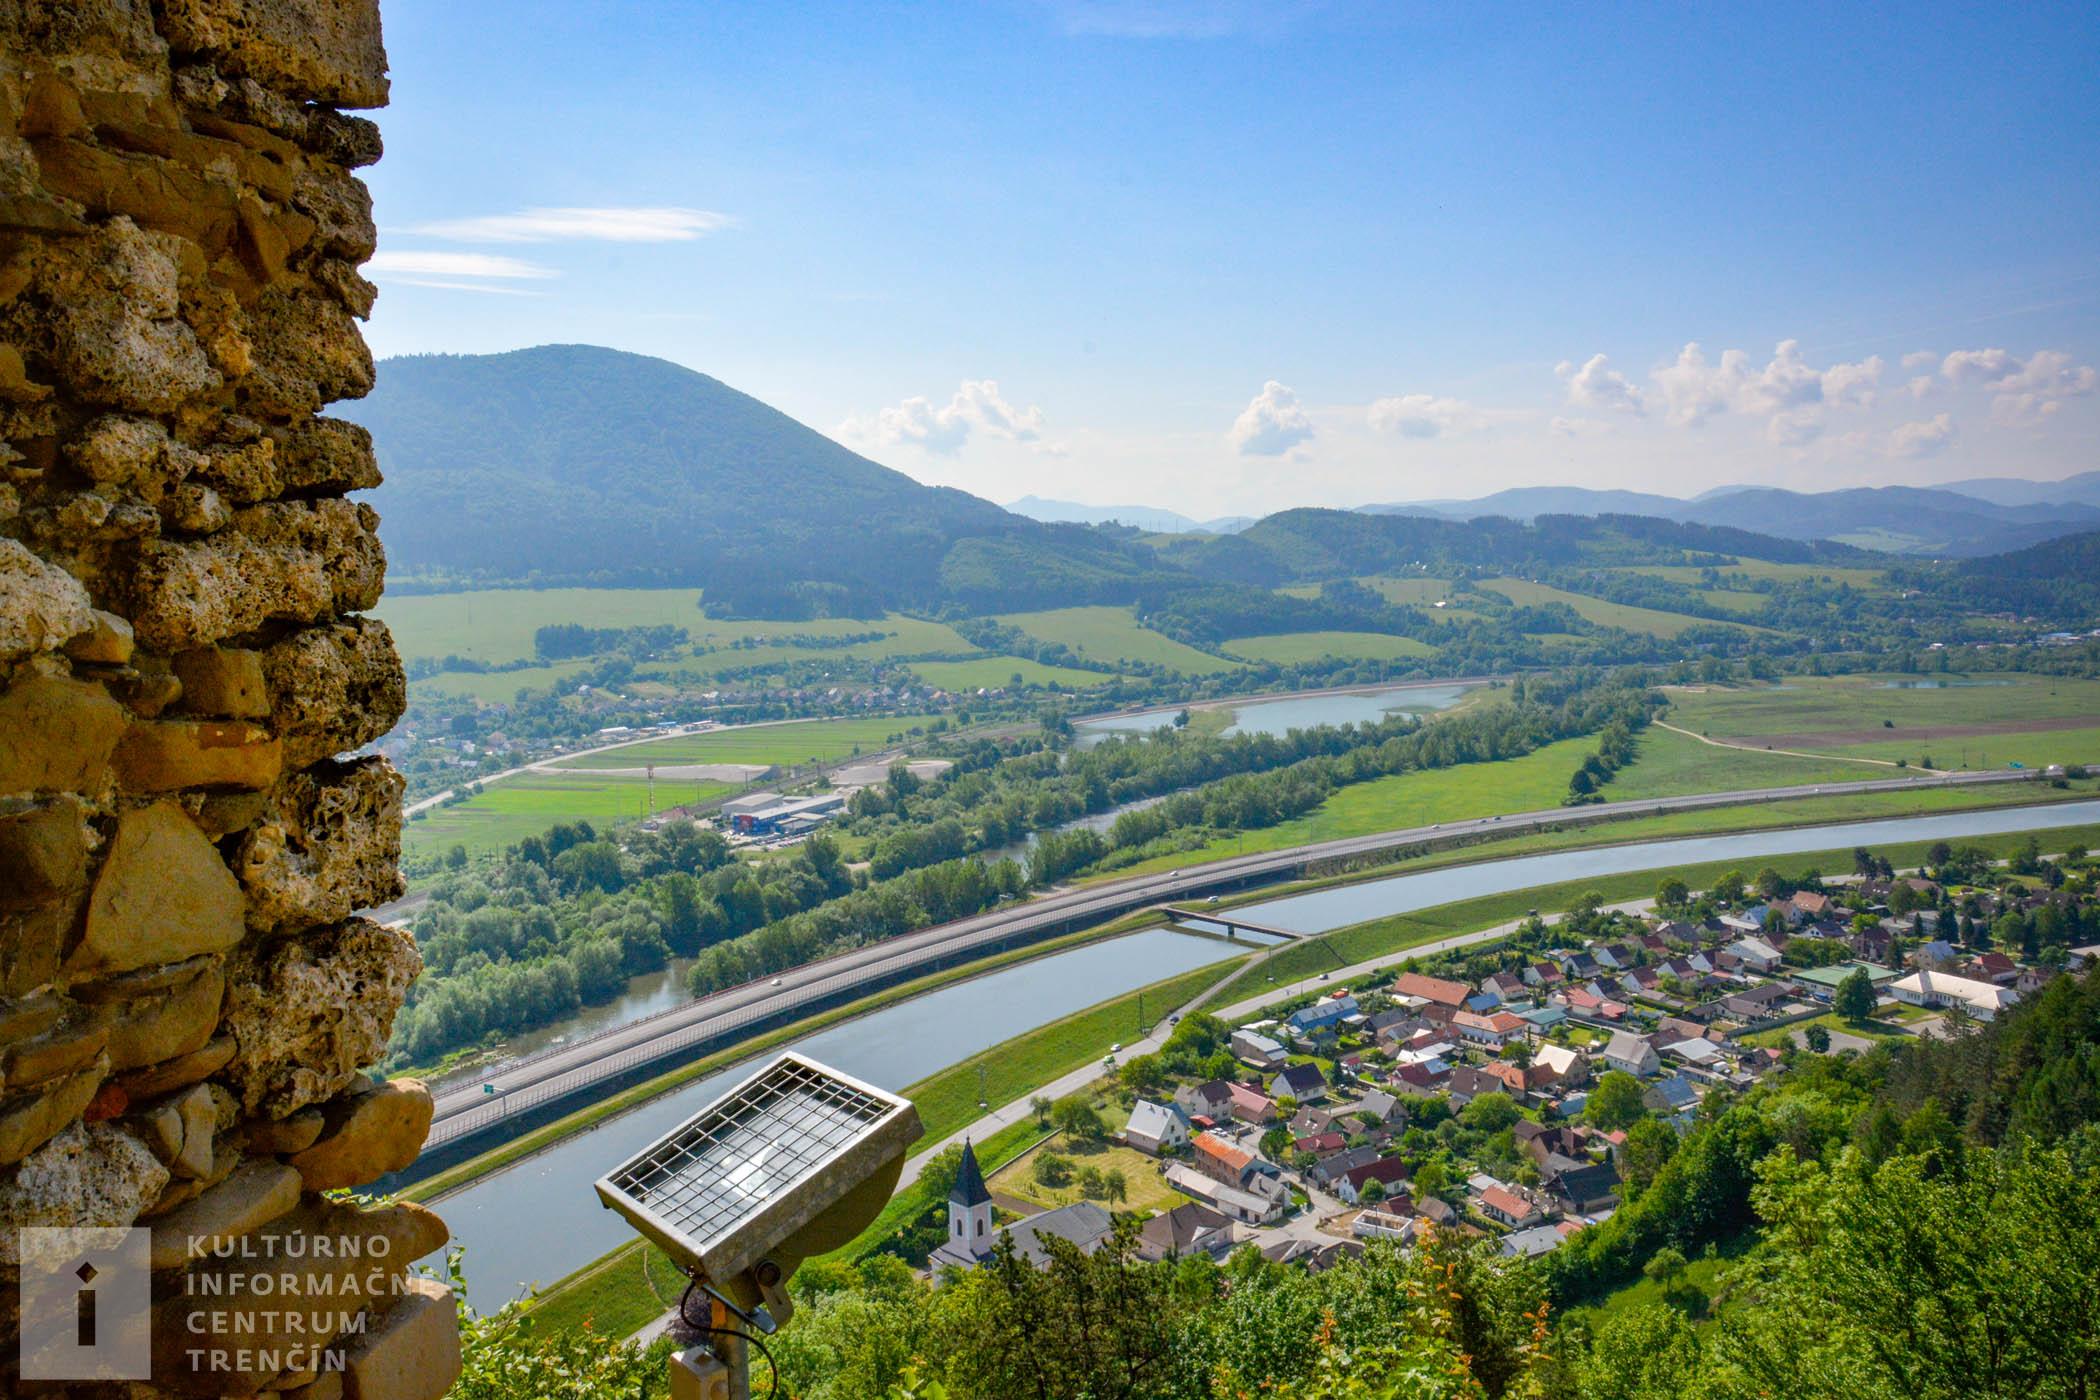 Panoramatický výhľad na Bytčiansku kotlinu od Považskej Bystrice po Bytču, Veľký a Malý Manín, ktoré rozdeľuje Manínska tiesňava, Súľovské skaly aj Hričovský kanál.